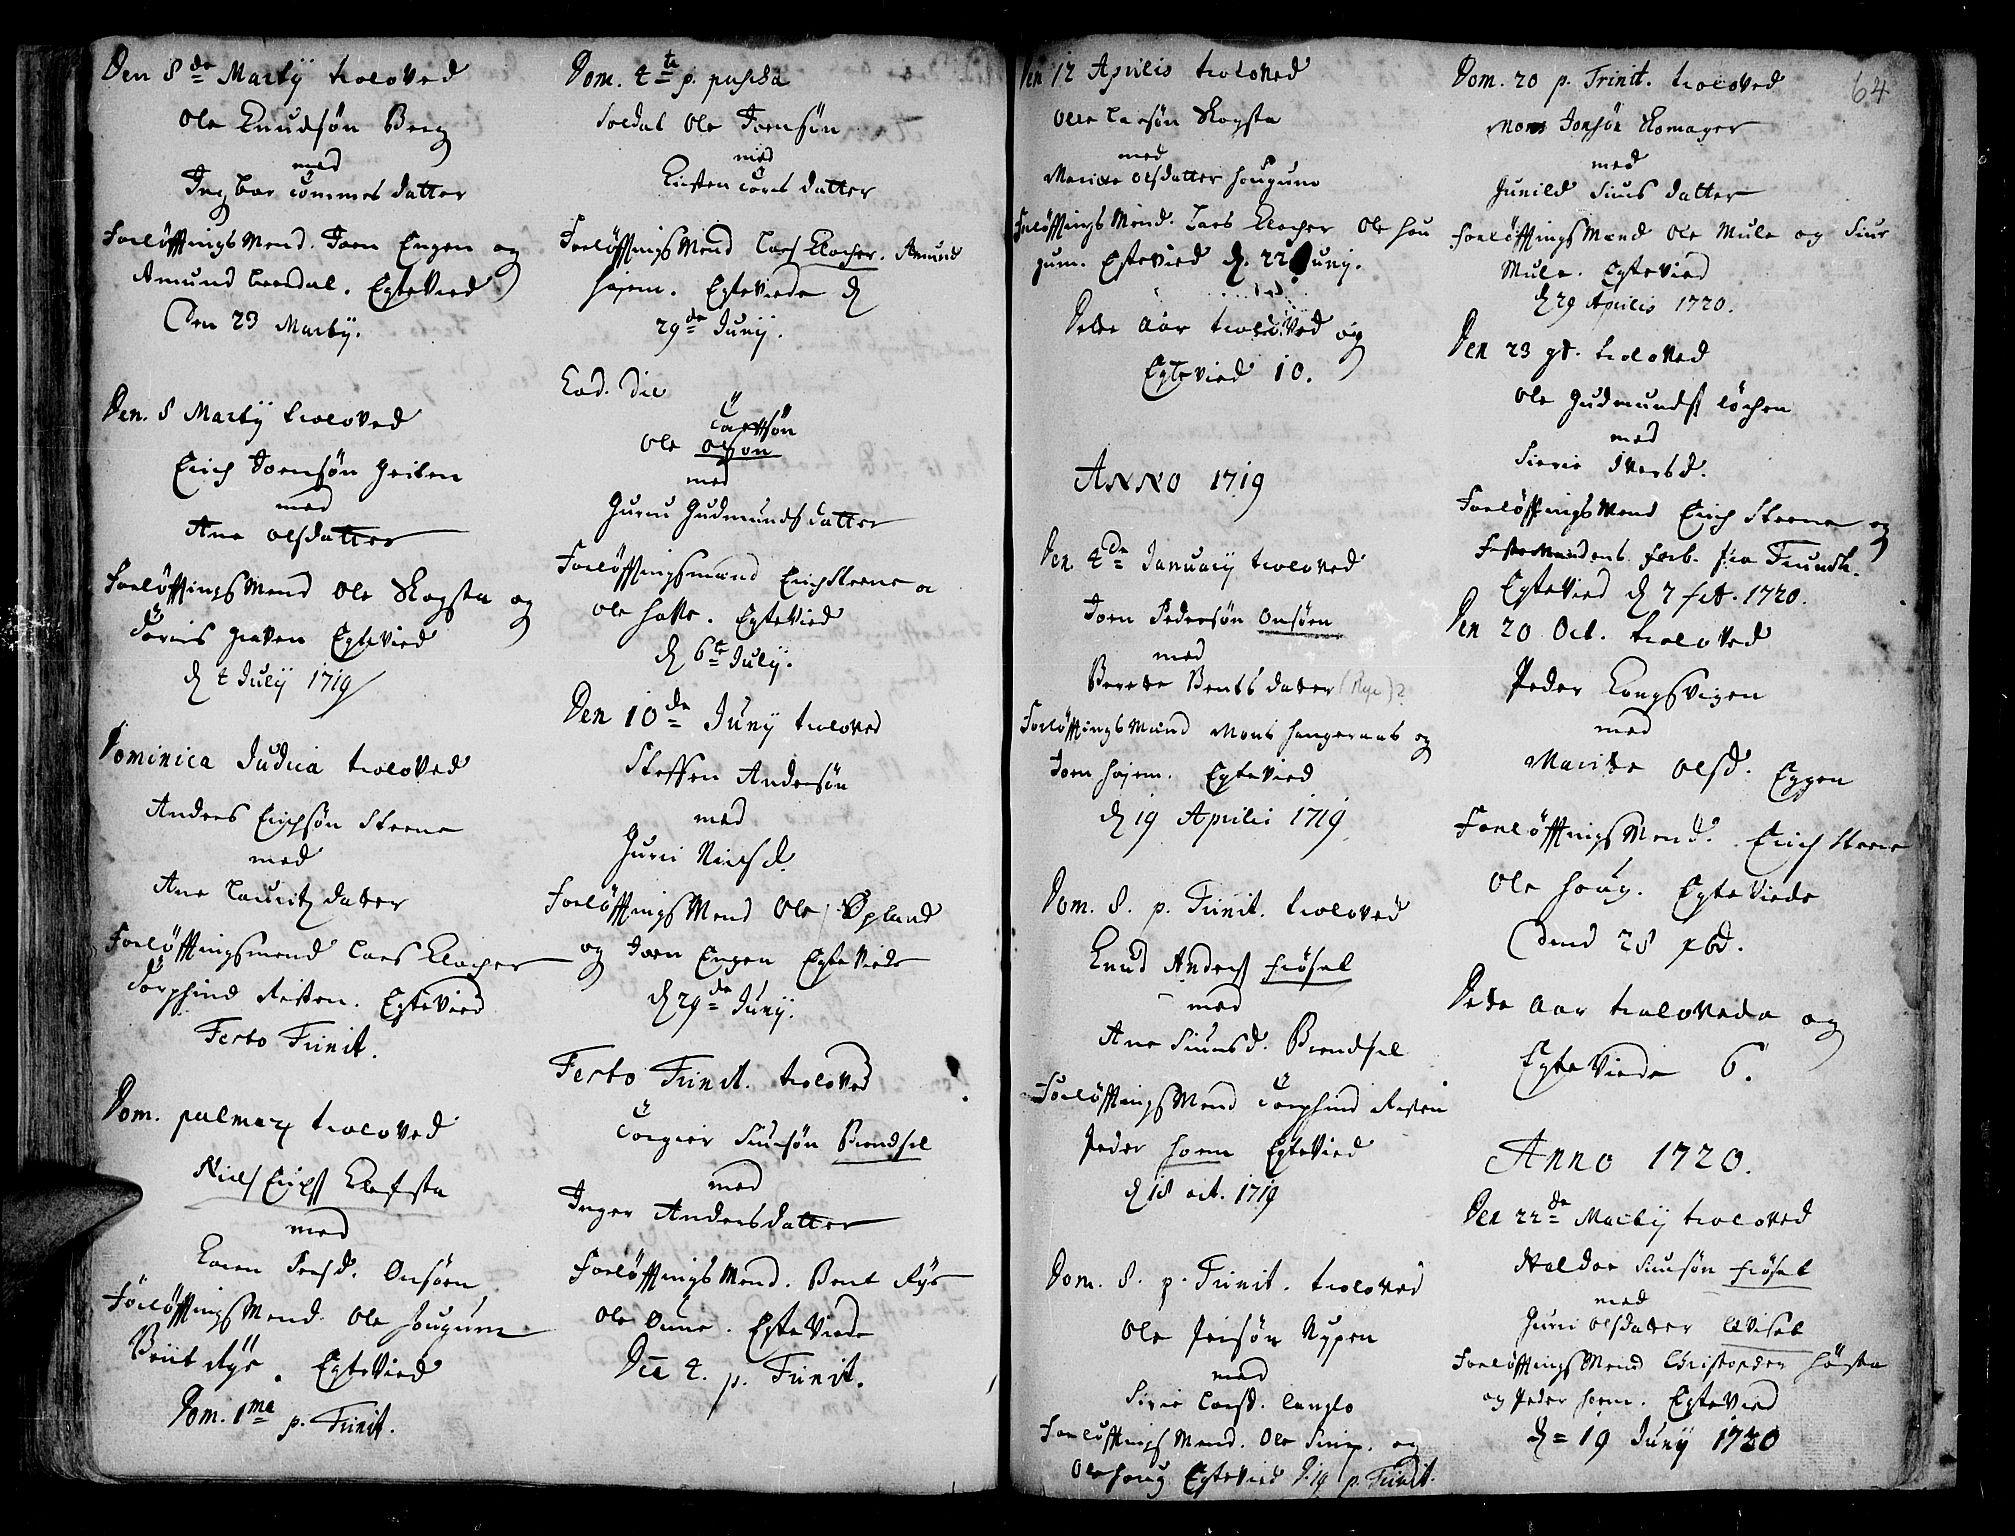 SAT, Ministerialprotokoller, klokkerbøker og fødselsregistre - Sør-Trøndelag, 612/L0368: Ministerialbok nr. 612A02, 1702-1753, s. 64